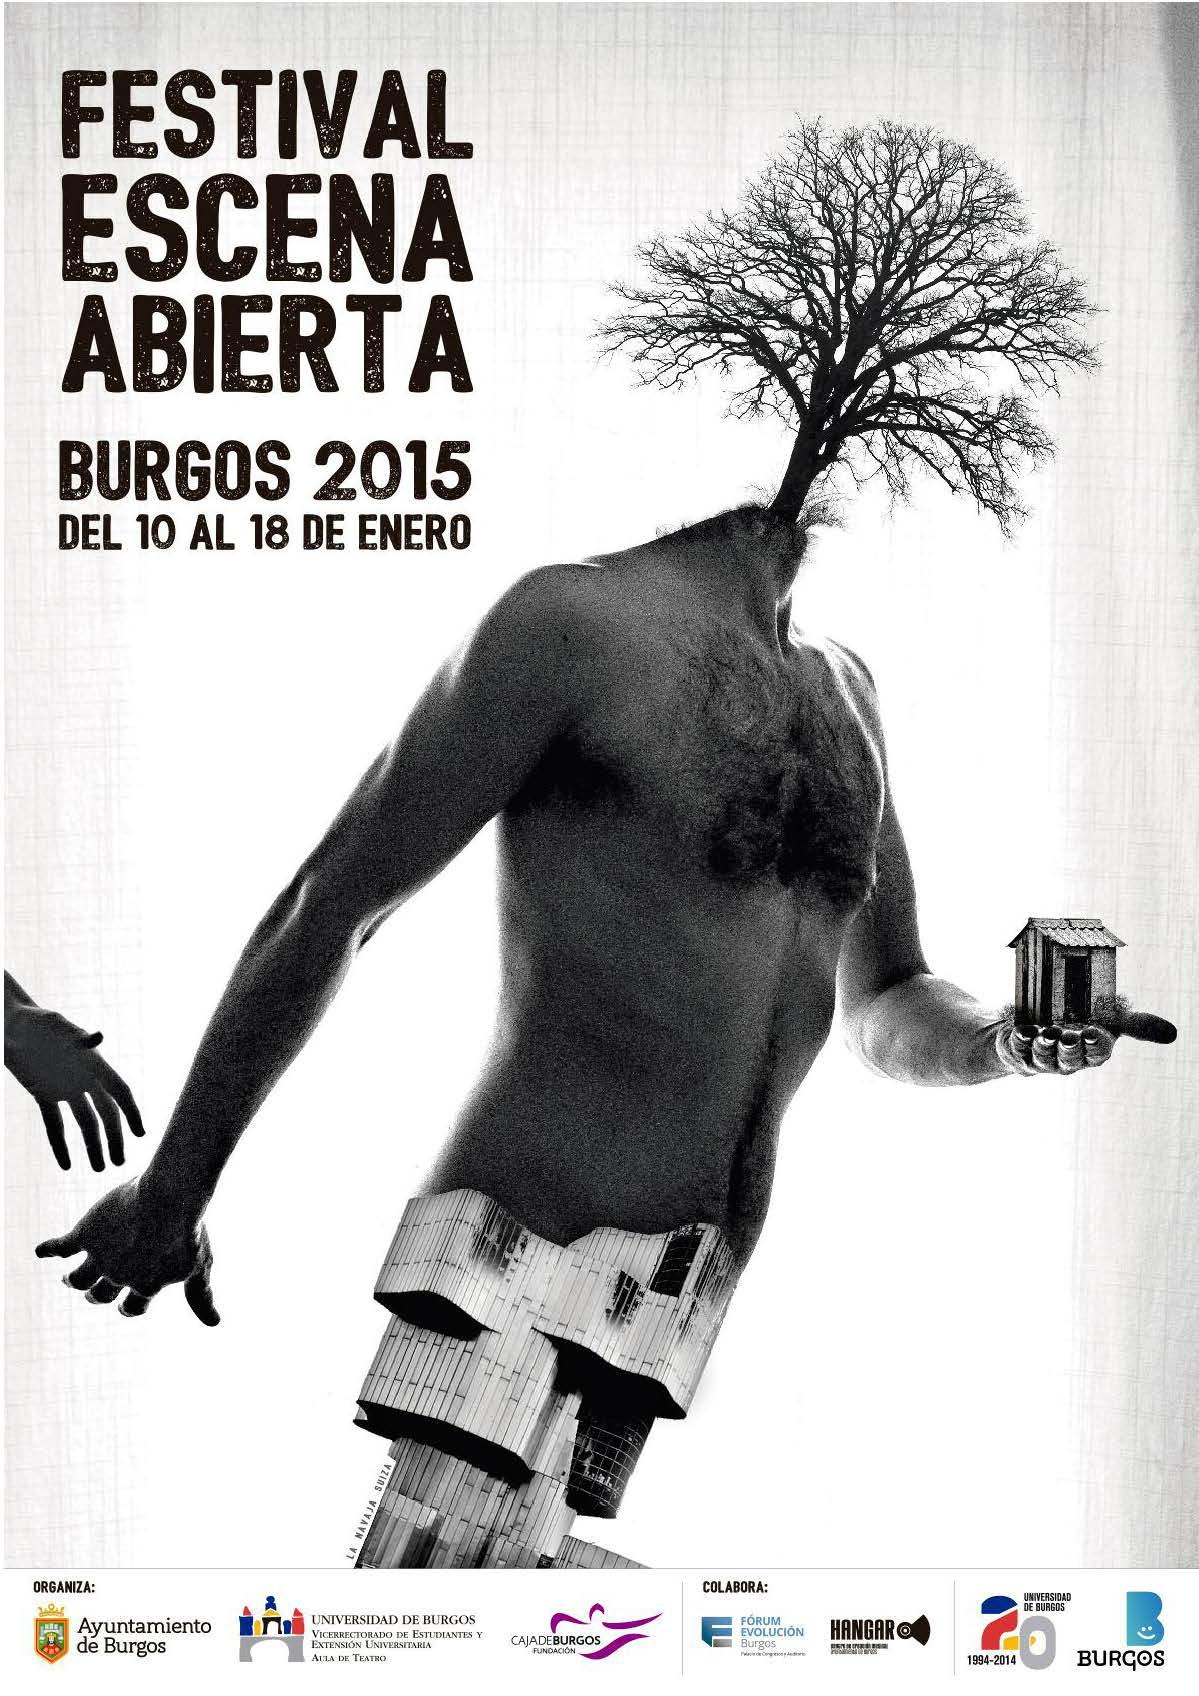 Festival Escena Abierta 2015 en Burgos